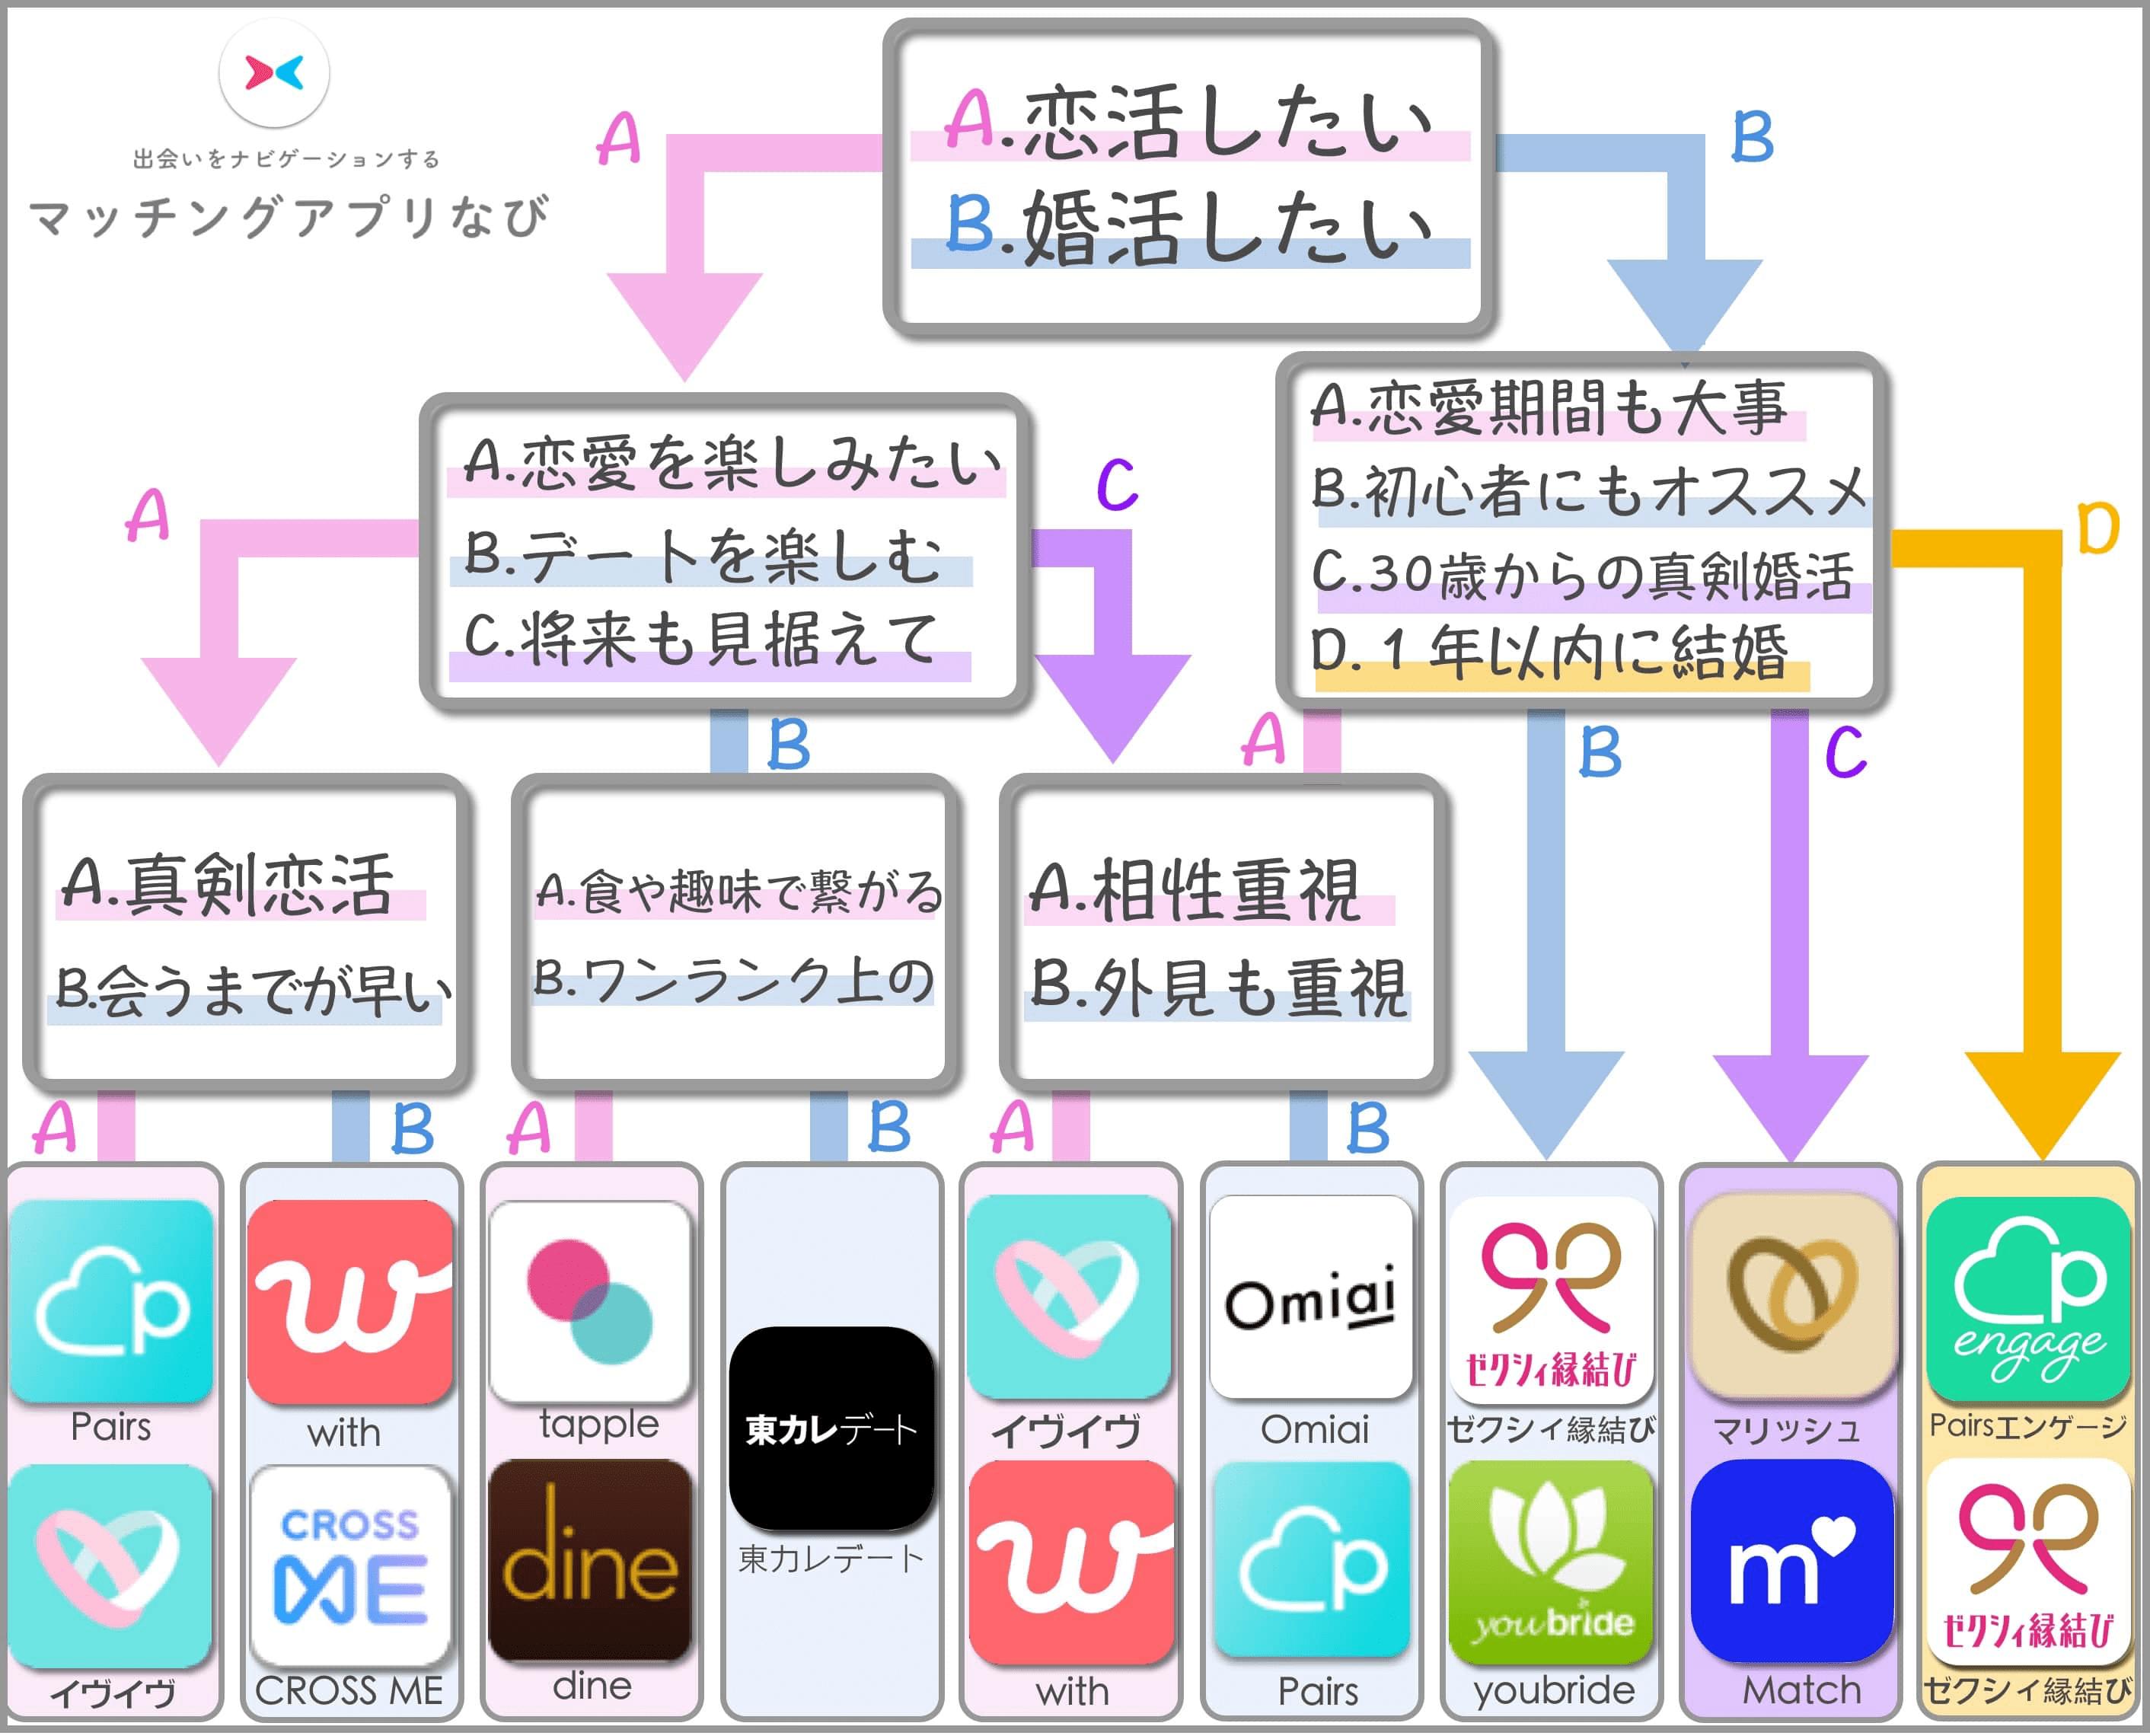 ヤリモクマッチングアプリ 東京